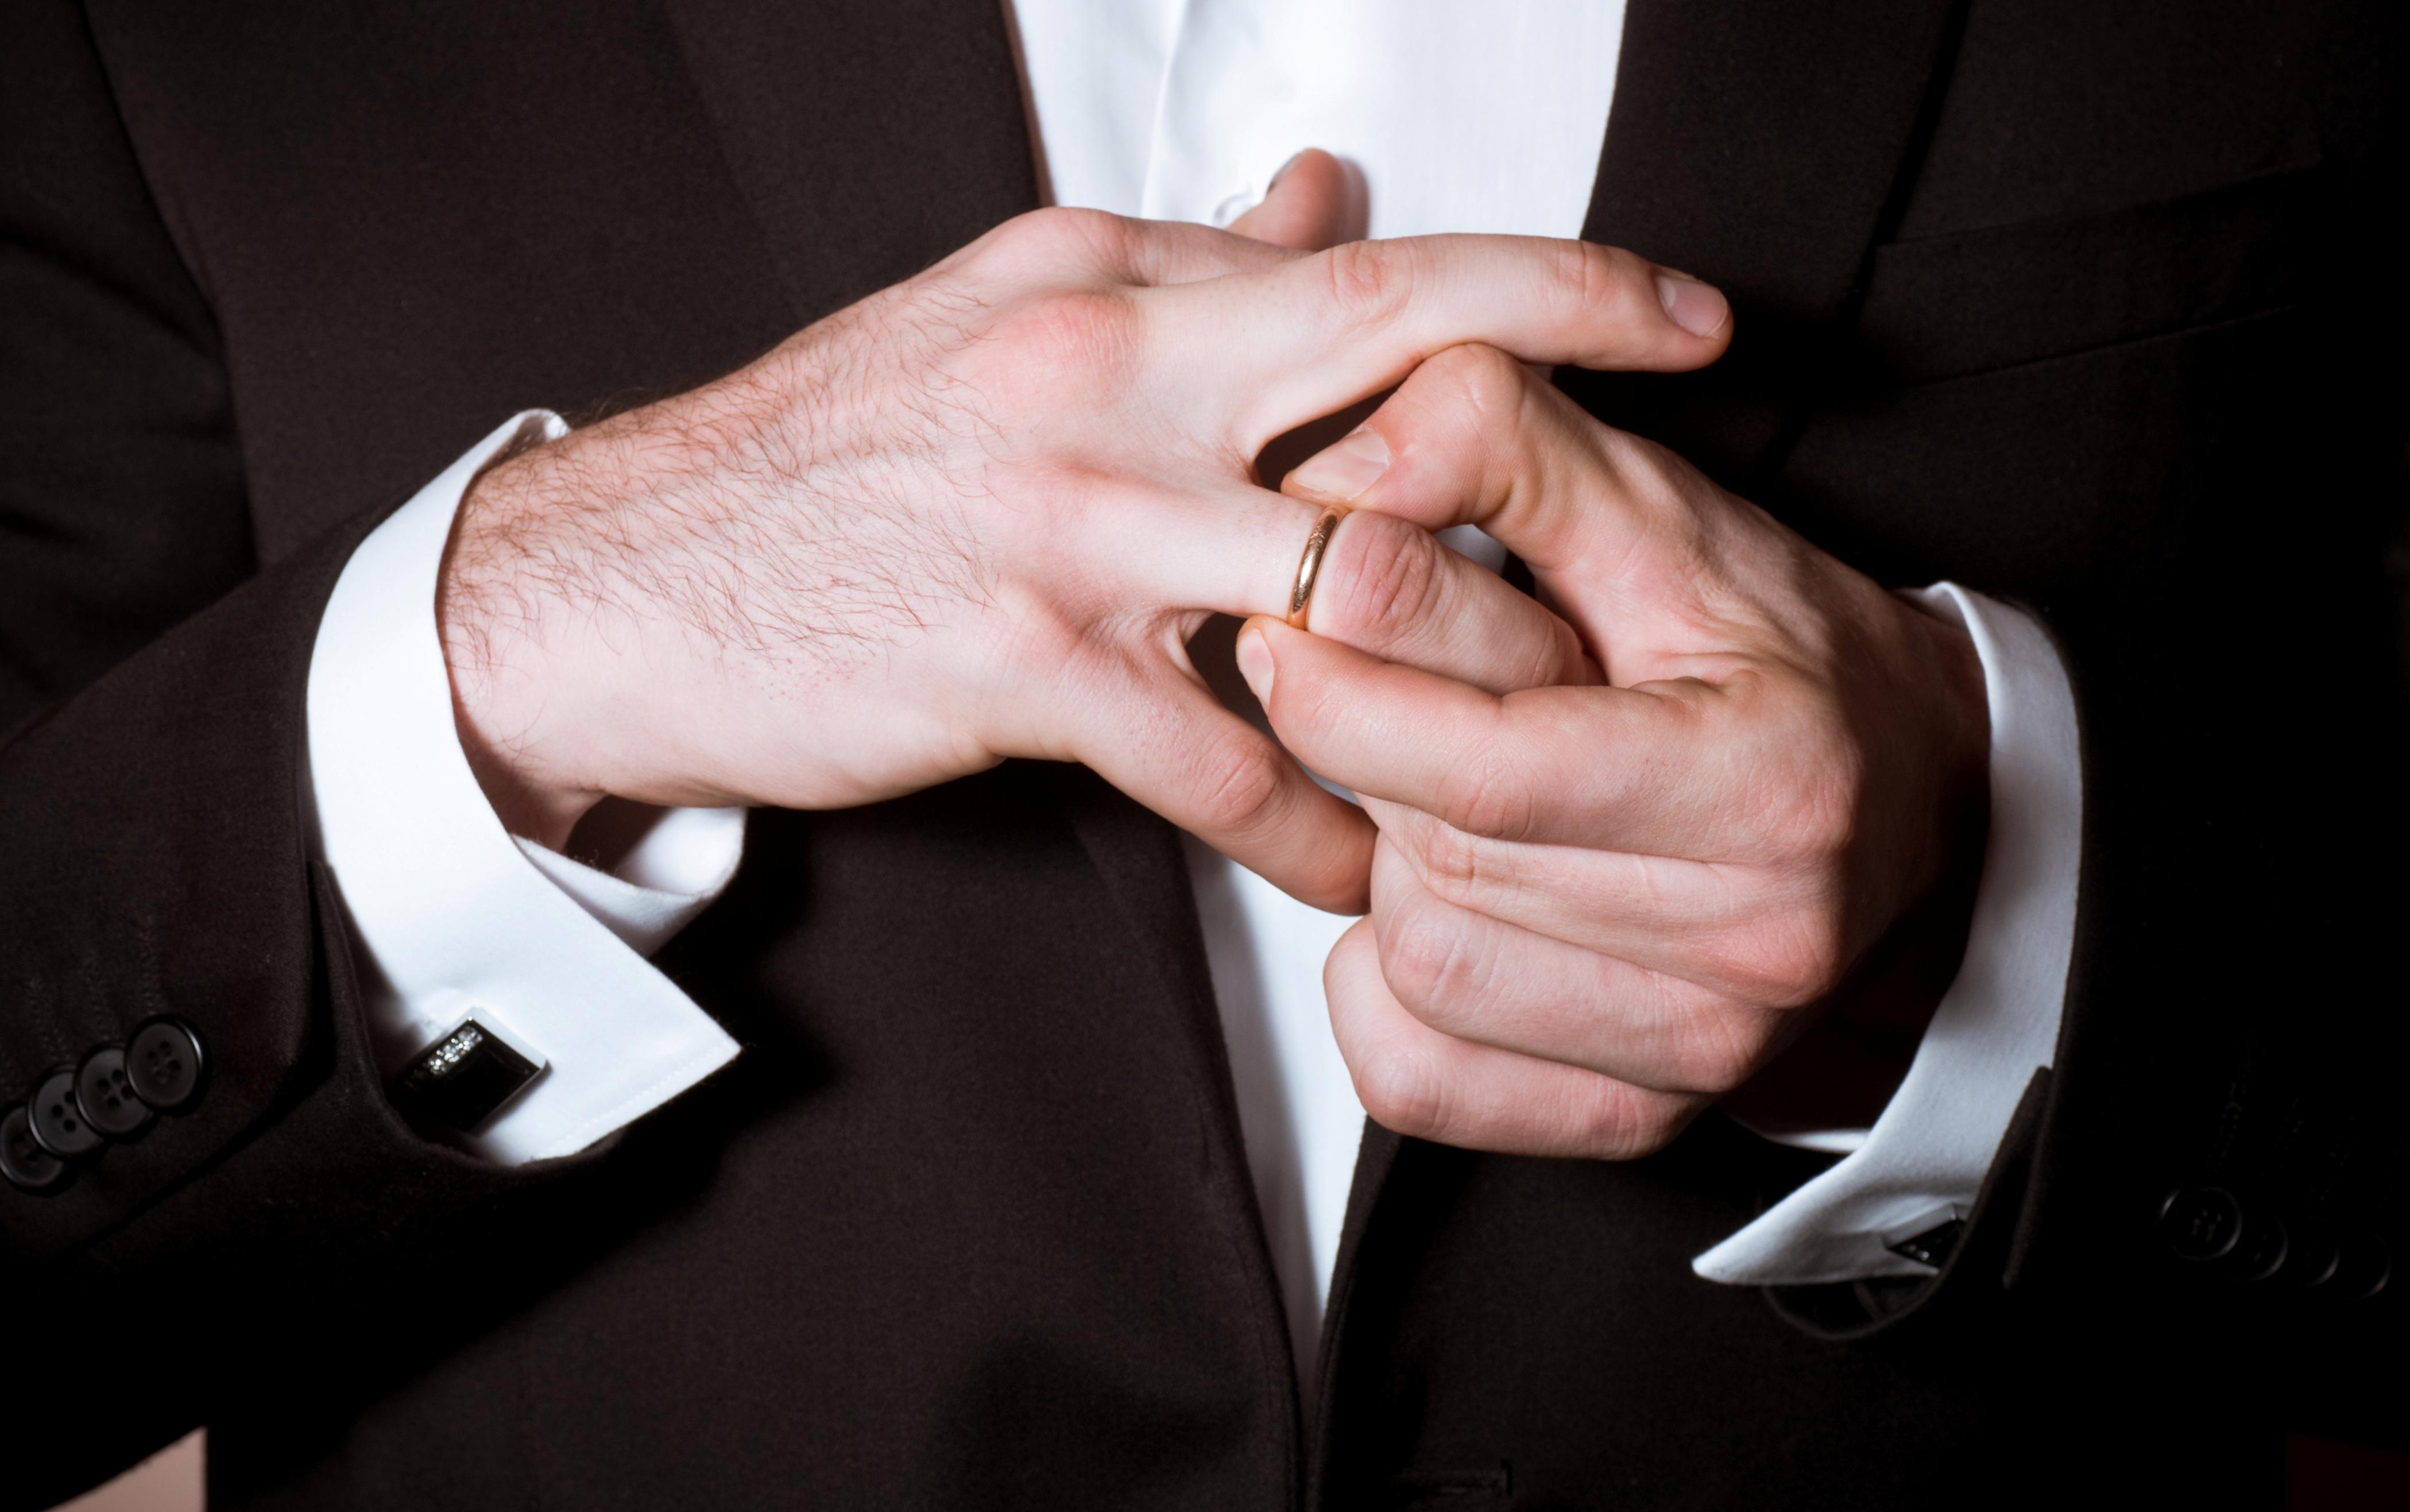 Муж подал на развод что будет, если я не явлюсь в суд